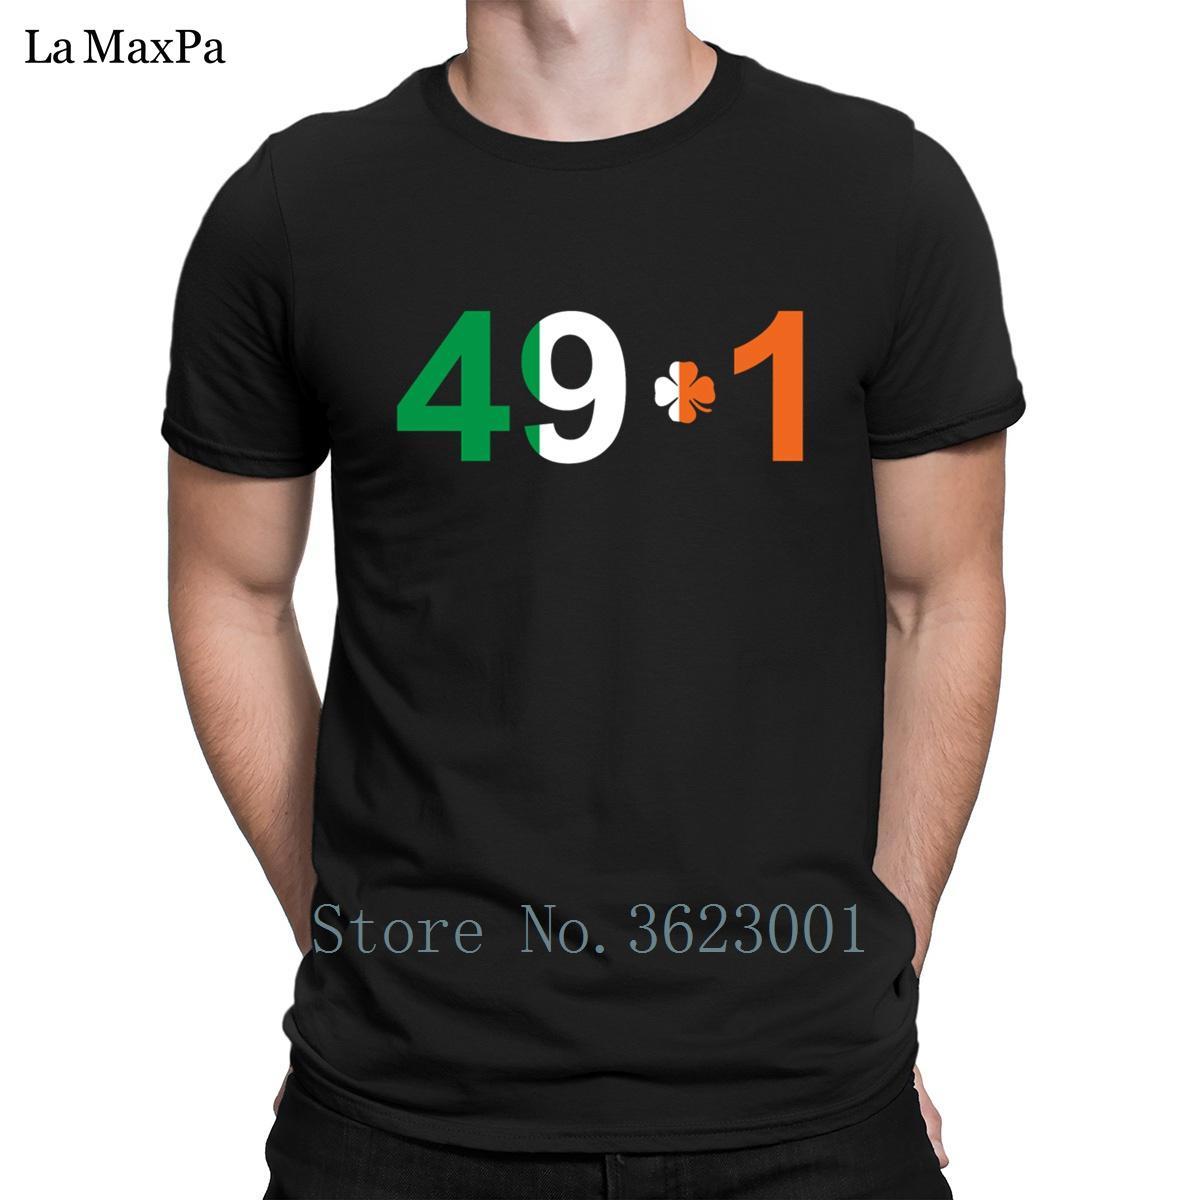 Kişiselleştirilmiş Resimleri Tişörtlü Homme 49 1 Erkek Tişört Temel Esprili Erkek Tişörtü Artı boyutu Tee Shirt Tee